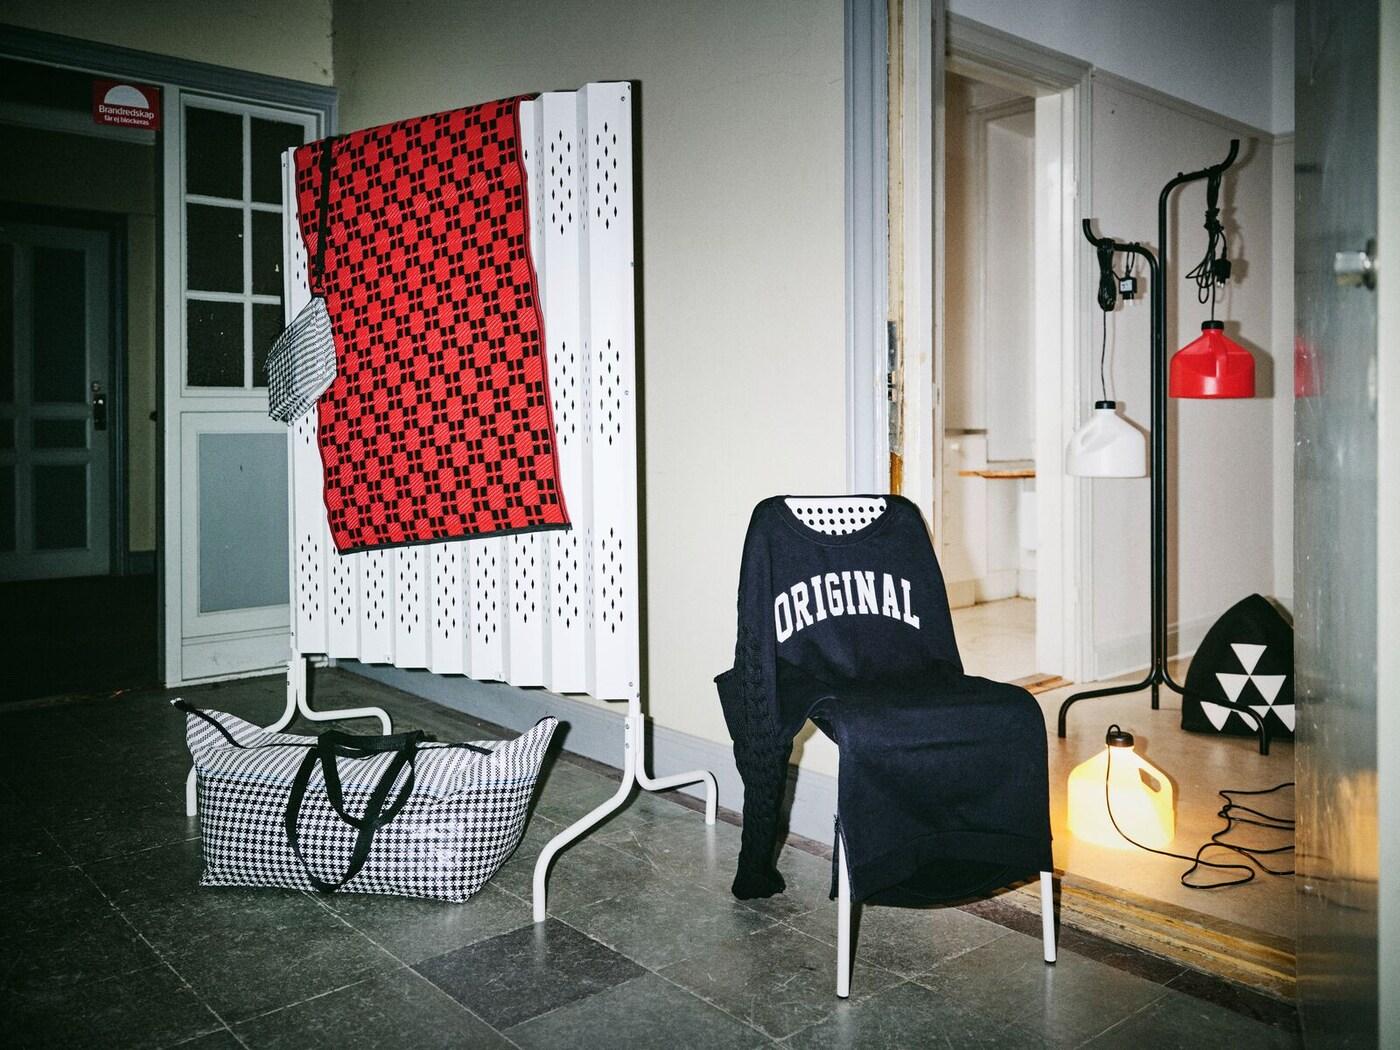 Producten van de SAMMANKOPPLA collectie; een kamerverdeler, stoelovertrek, verlichting met meerdere functies en een kledingrek.